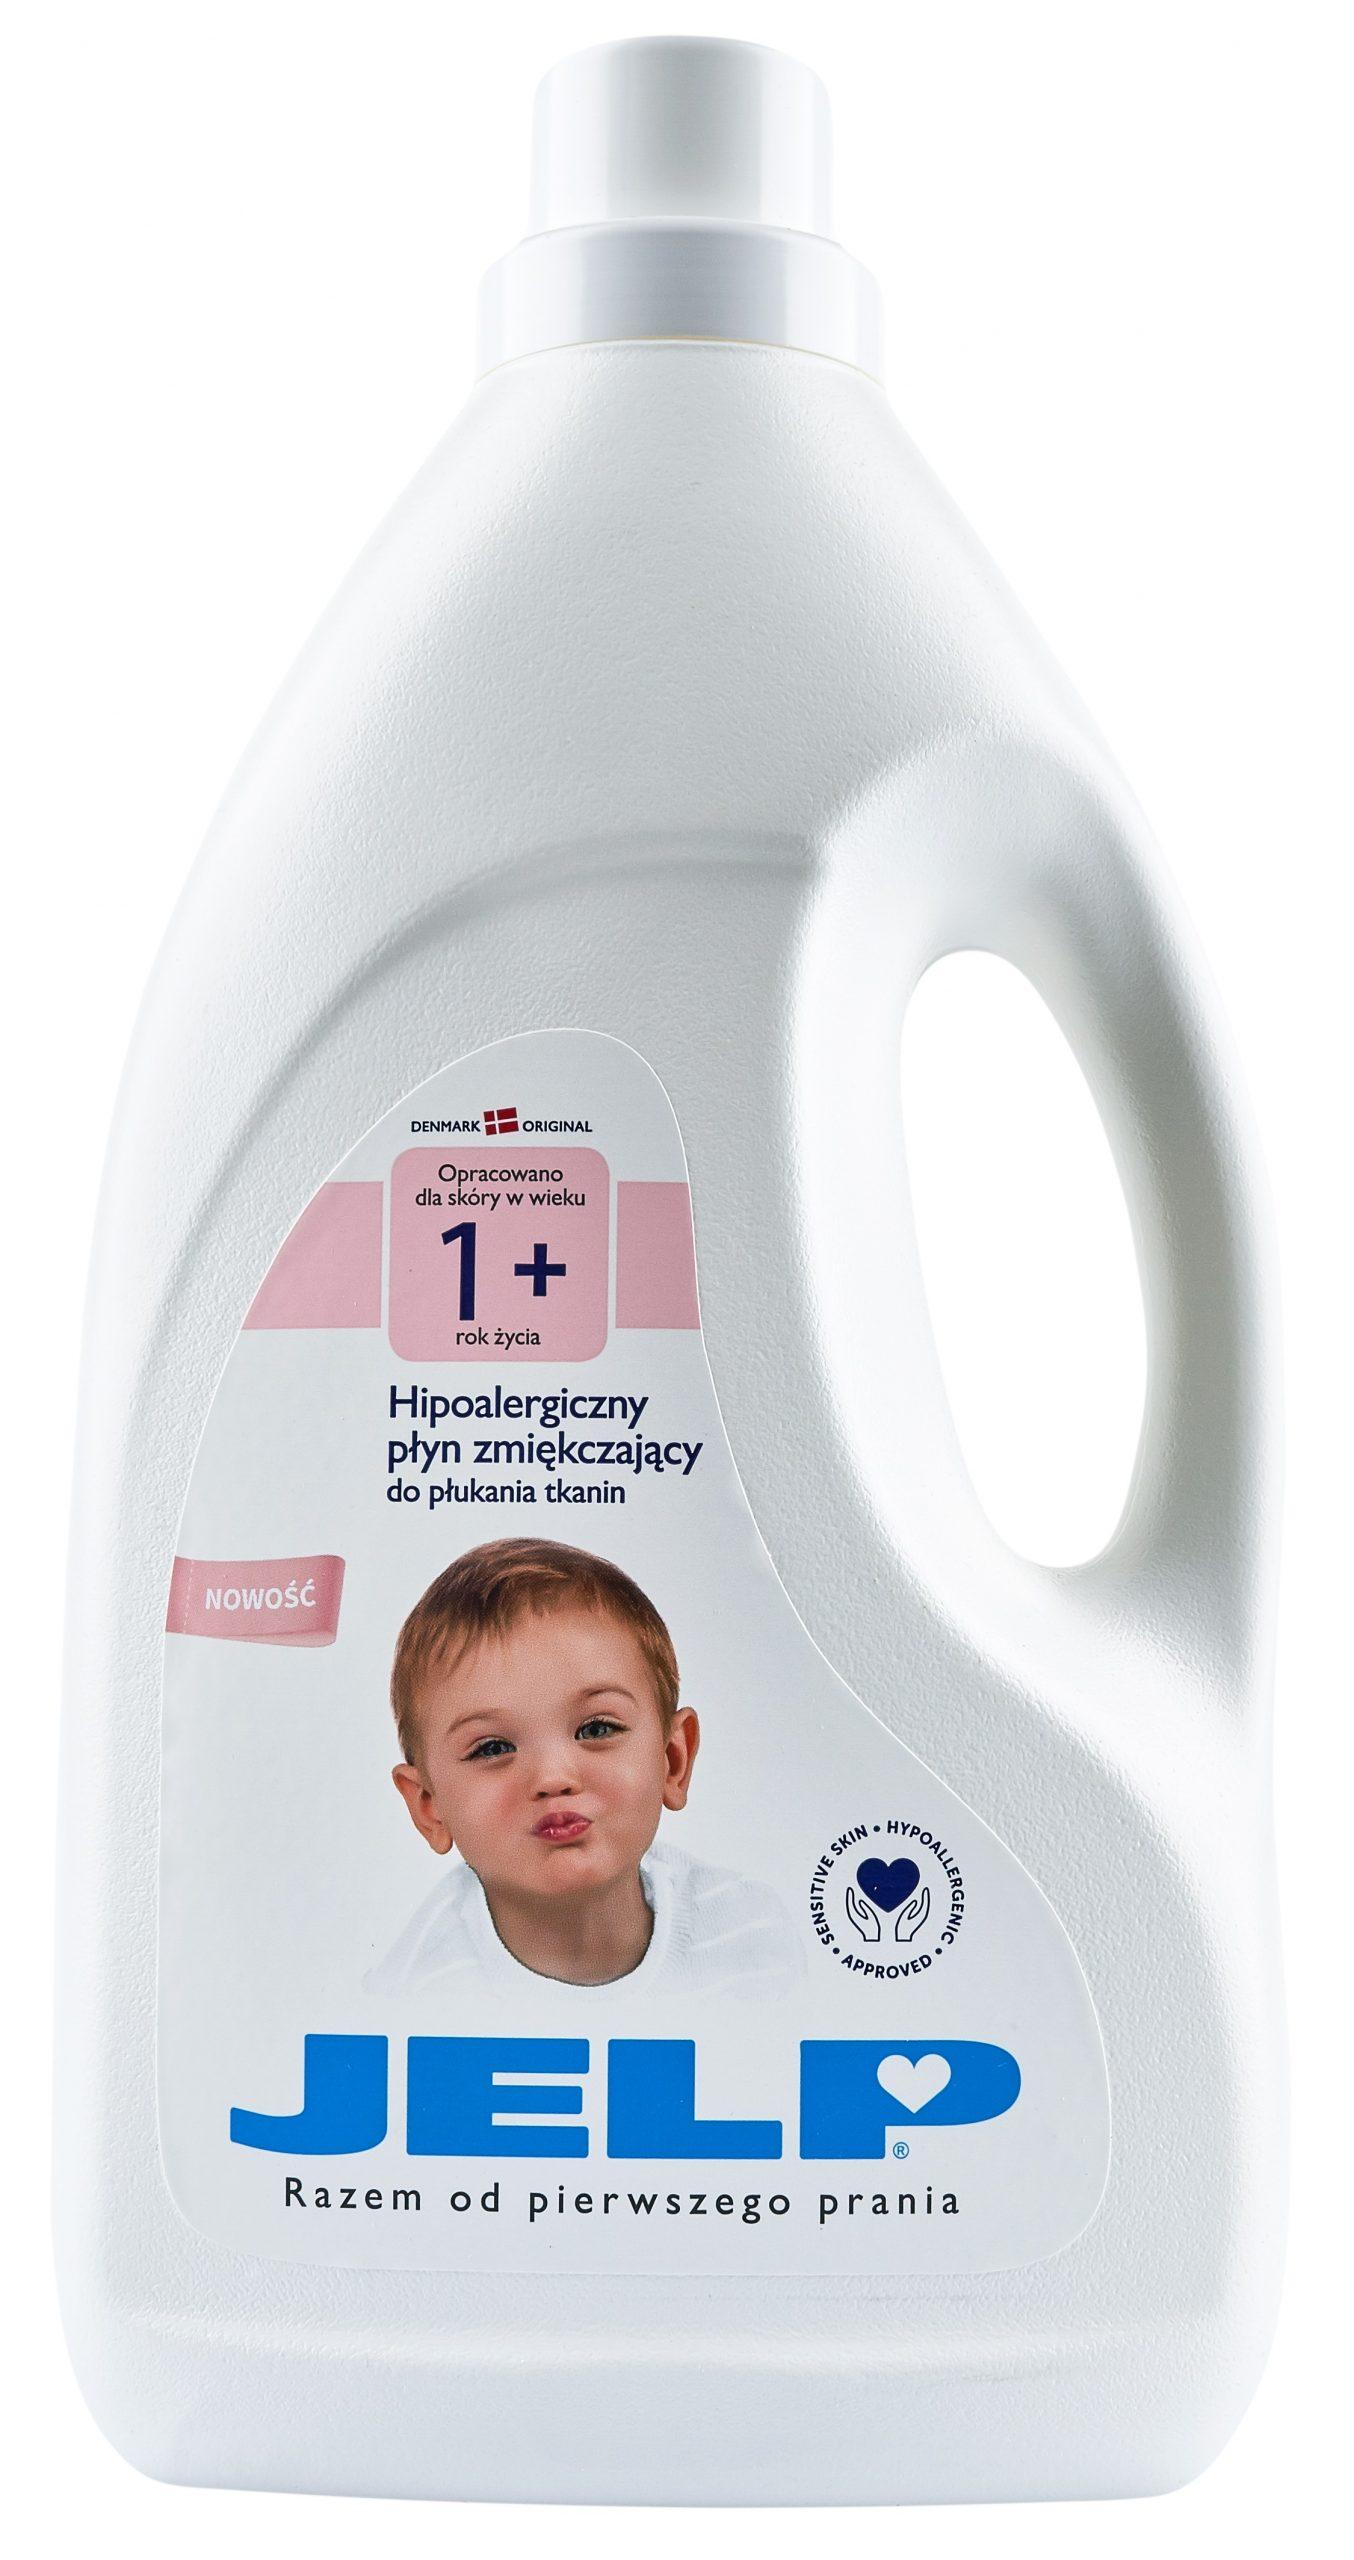 JELP 1+ hipoalergiczny plyn zmiekczajacy 2 L